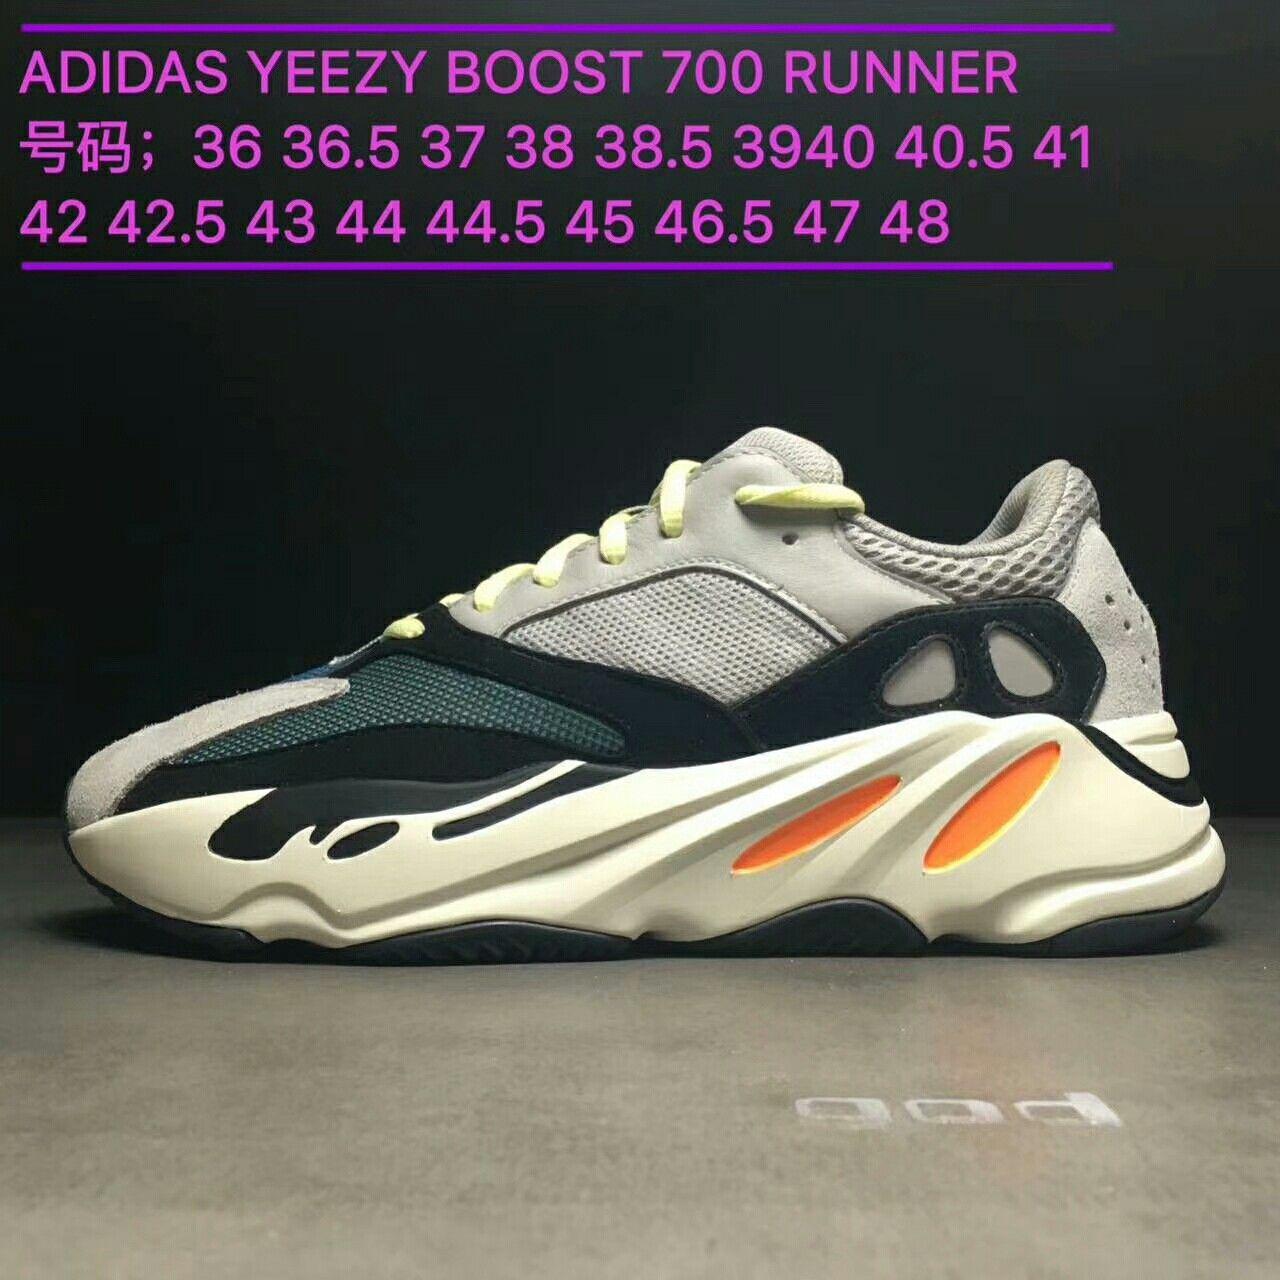 adidas yeezy spinta 700 runner / 36 48 giay adidas yeezy